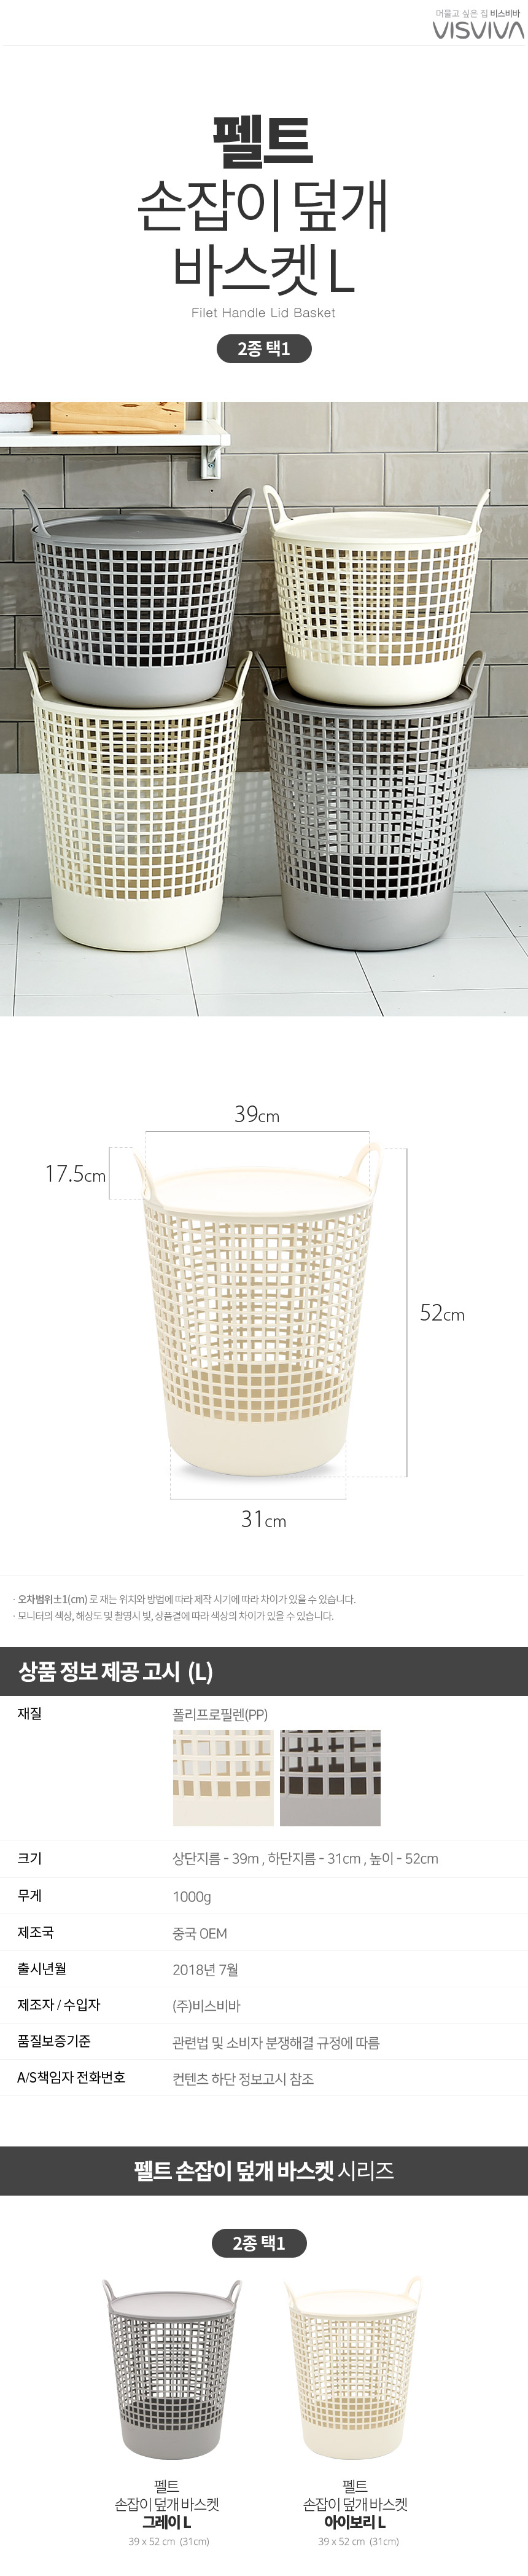 펠트 손잡이 덮개 바스켓L 2종 택1 - 비스비바, 12,700원, 정리/리빙박스, 소품정리함